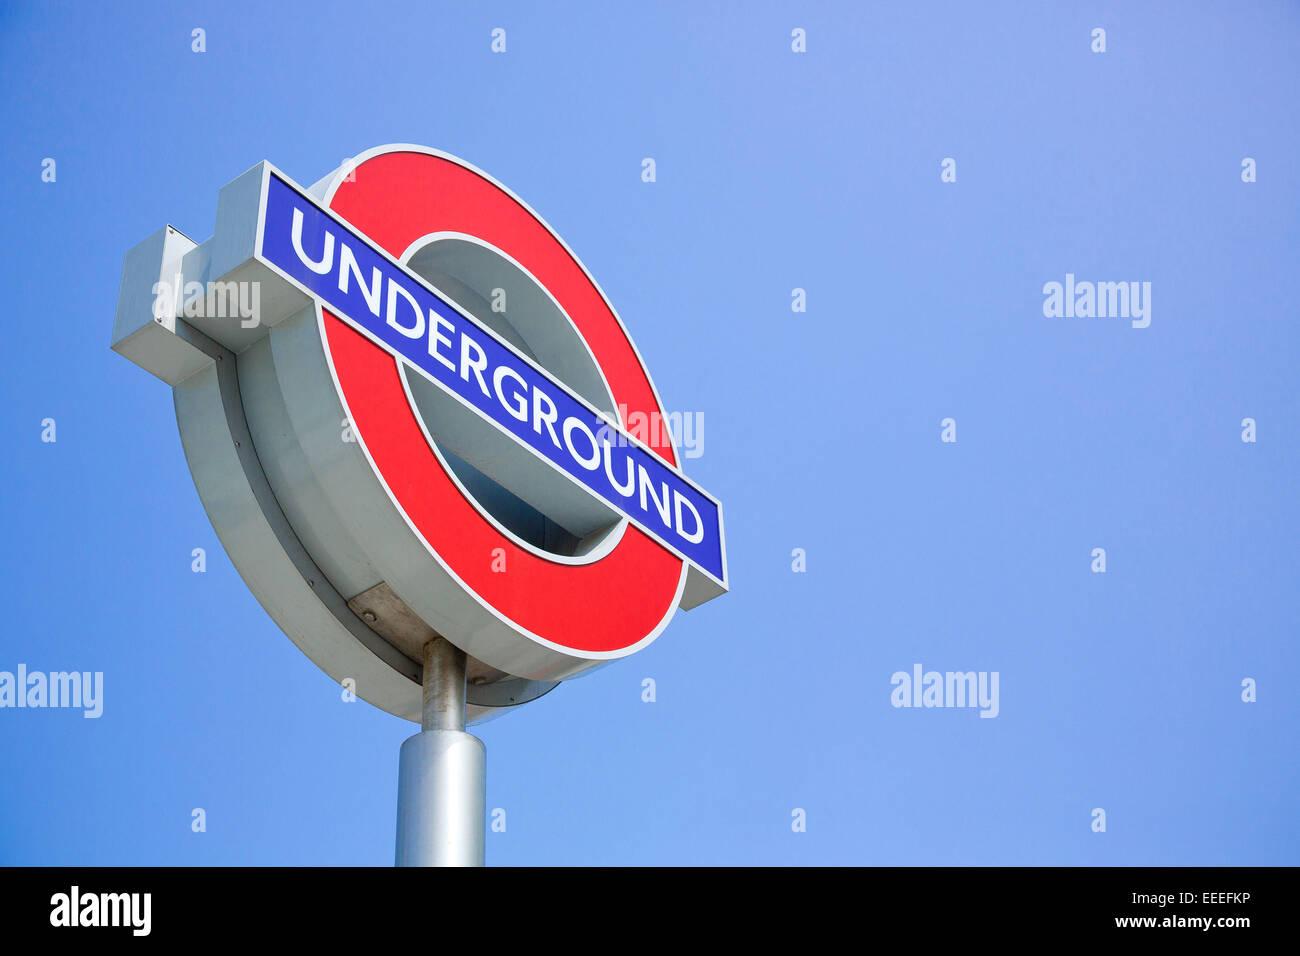 La metropolitana di Londra segno logo contro un cielo blu Immagini Stock